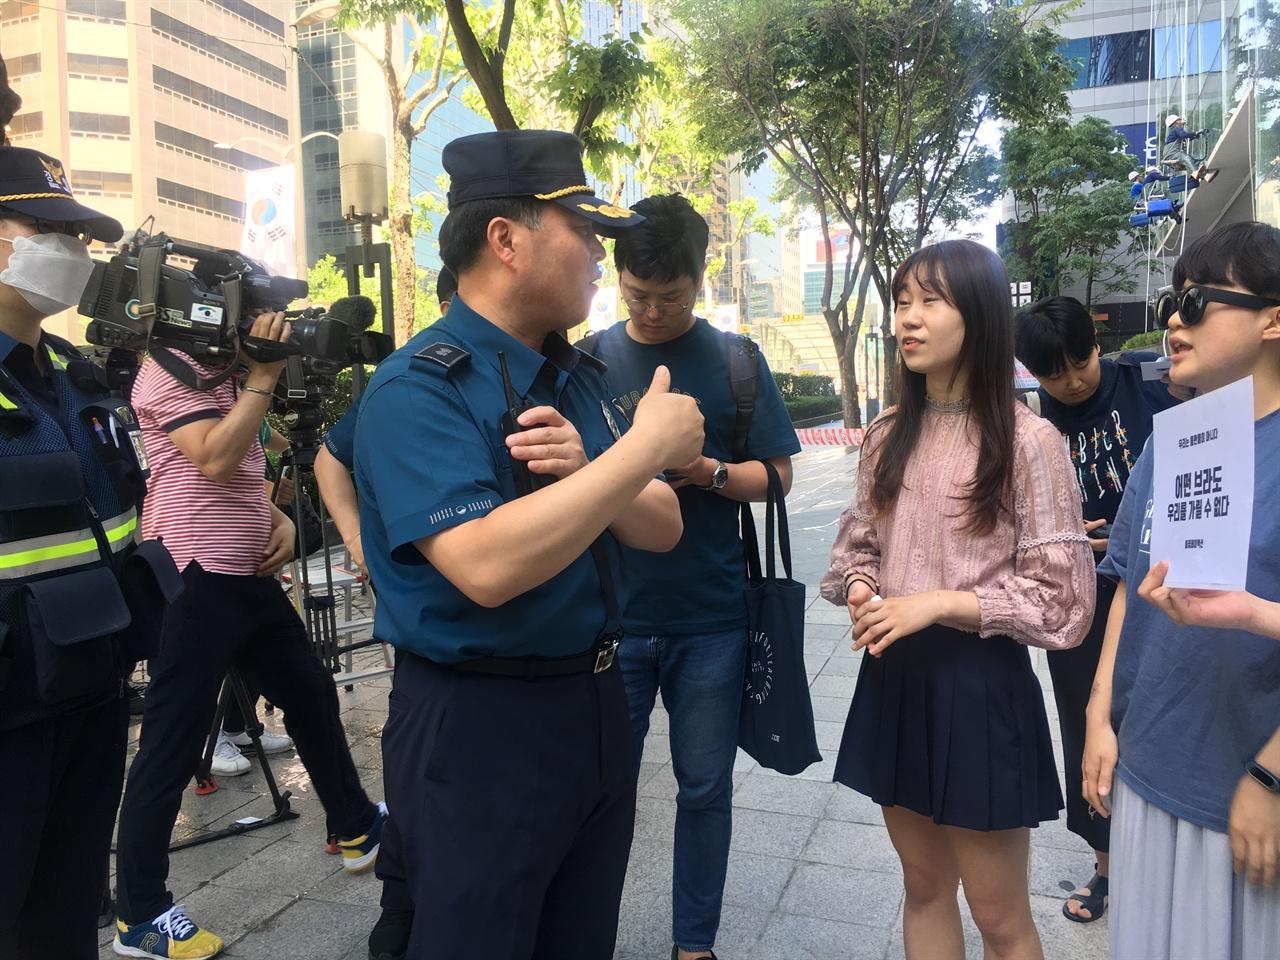 경찰이 '공연음란죄'로 체포한다며 미란다원칙 고지하자 항의하는 불꽃페미액션 회원들